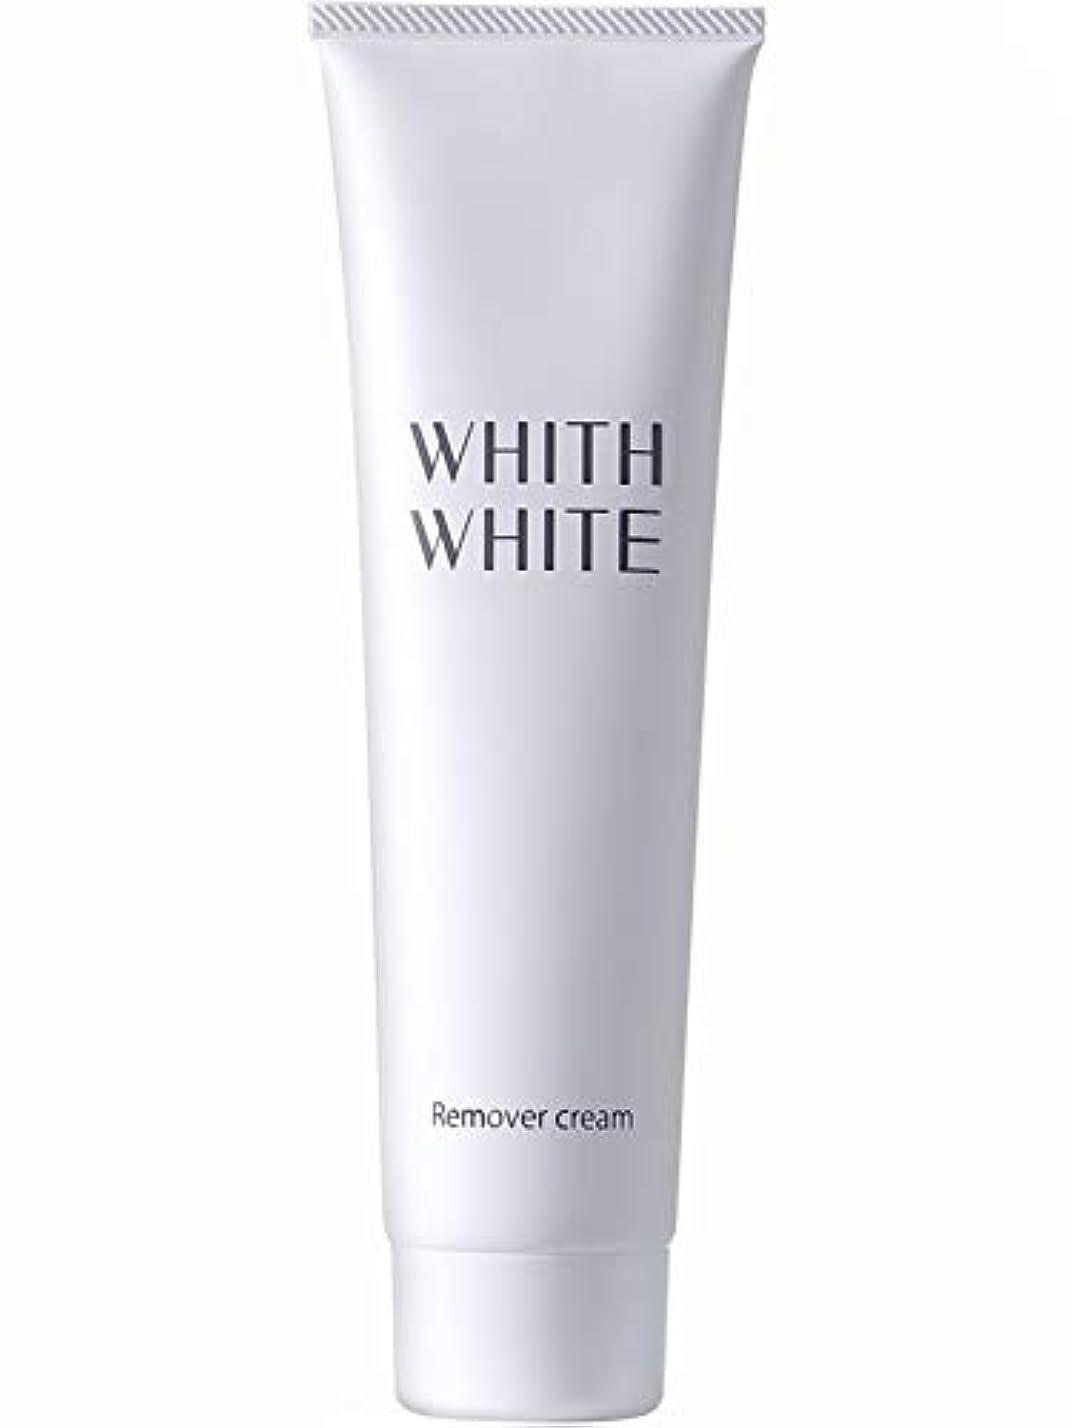 困惑する稼ぐで出来ている【医薬部外品】 WHITH WHITE(フィス ホワイト) 除毛クリーム 150g 陰部 使用可能